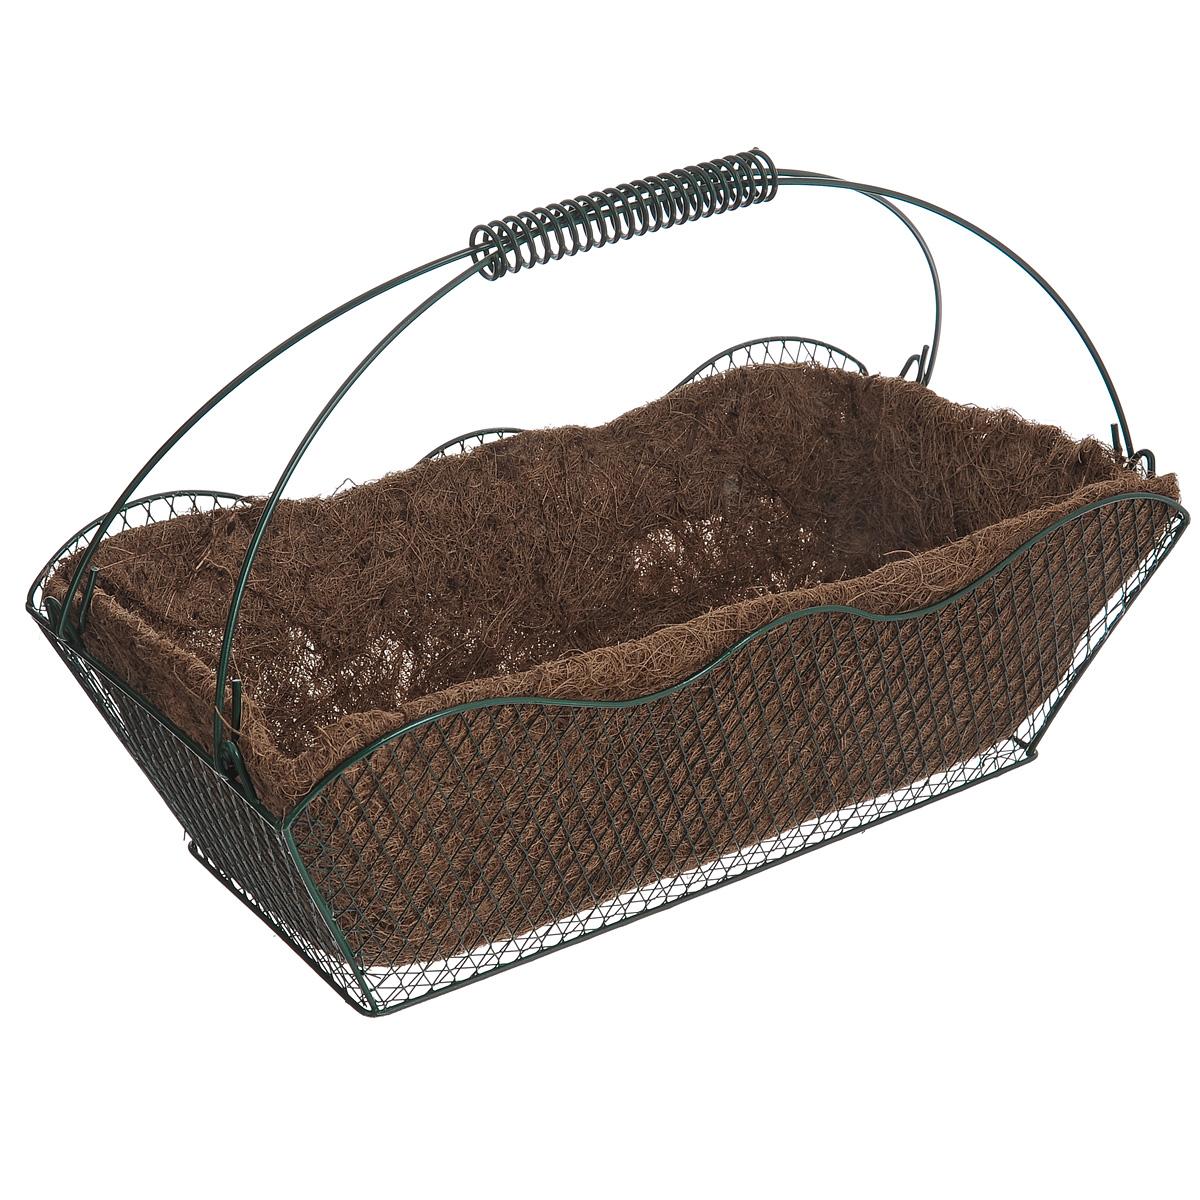 Корзина Greenell, с вкладышем, 42 см х 20,5 см х 25 смWB20-40Корзина Greenell изготовлена из стали, оснащена вкладышем из кокосового волокна. Корзина предназначена для выращивания цветов и других декоративных растений. В ней хорошо будут расти любые цветы: кокосовое волокно является идеальным субстратом для растений. Кокосовое волокно способствует сохранению в почве питательных веществ и сохранению комфортного для растений уровня влажности.